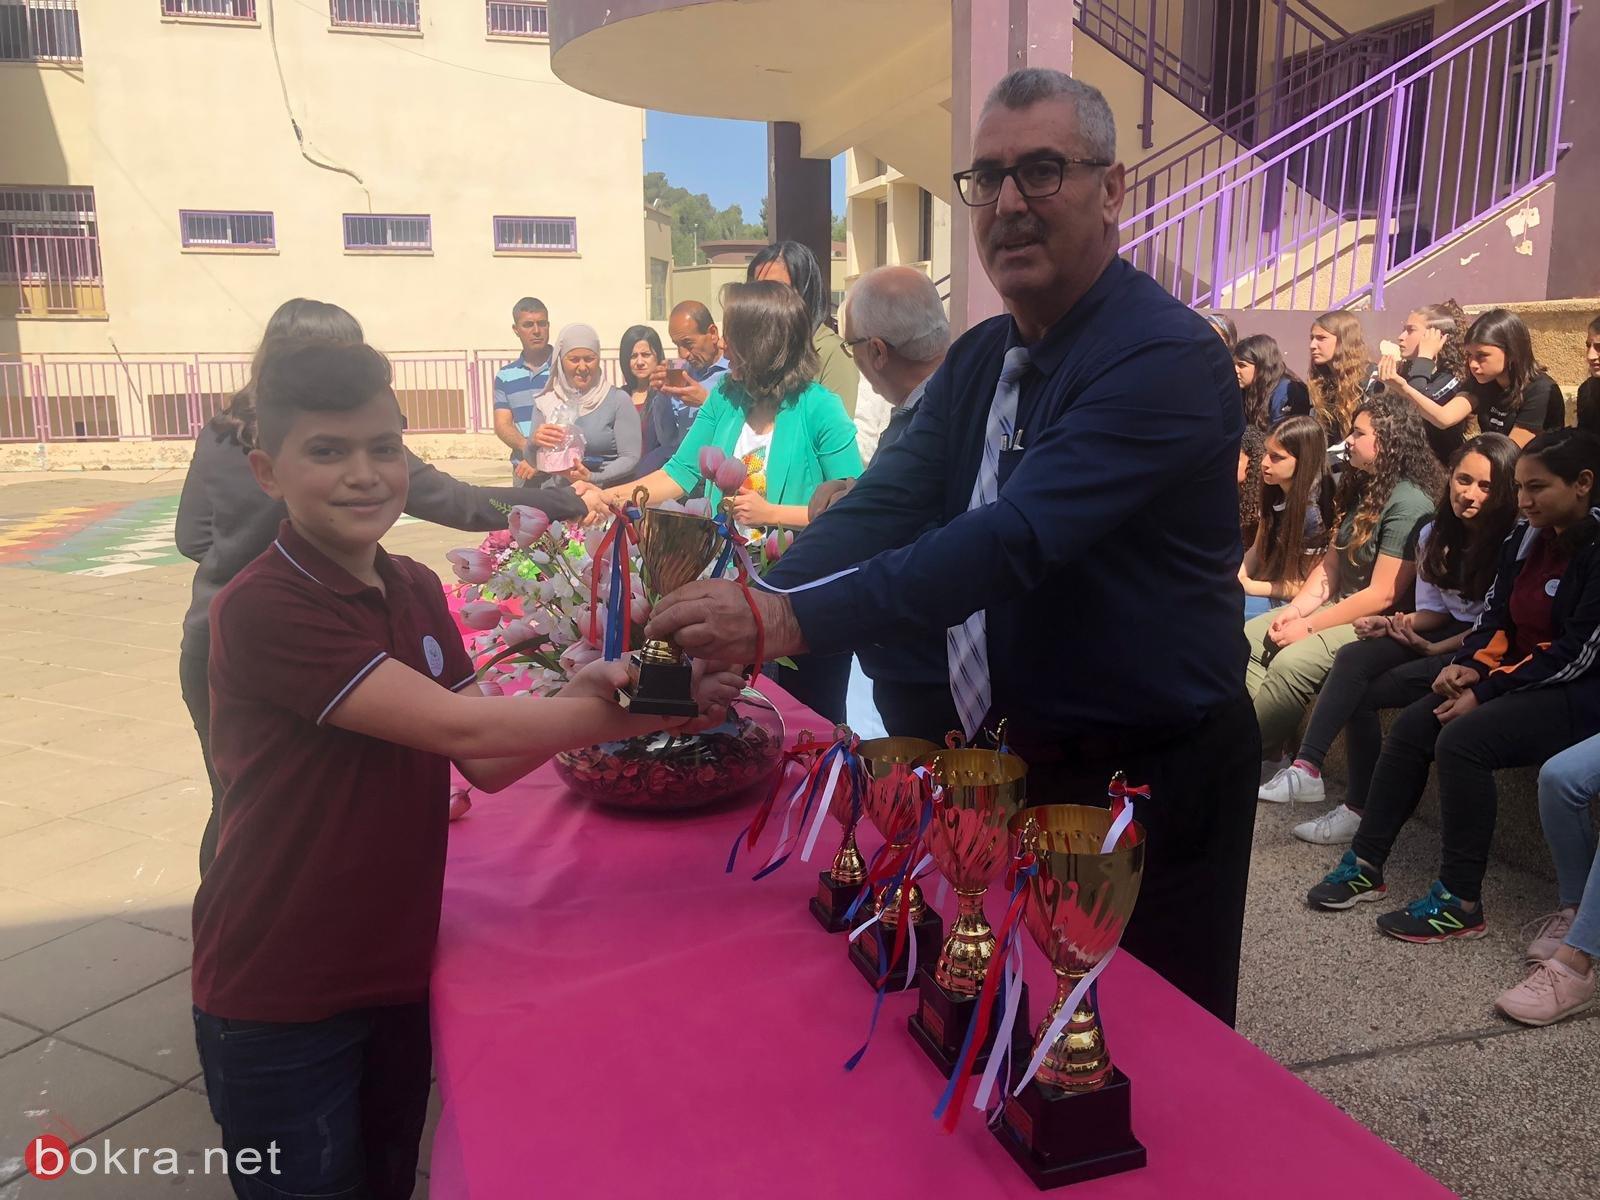 سخنين: فخورون بكم ، اعدادية الحلان تُكرم طلابها الفائزين بمسابقة ابداع